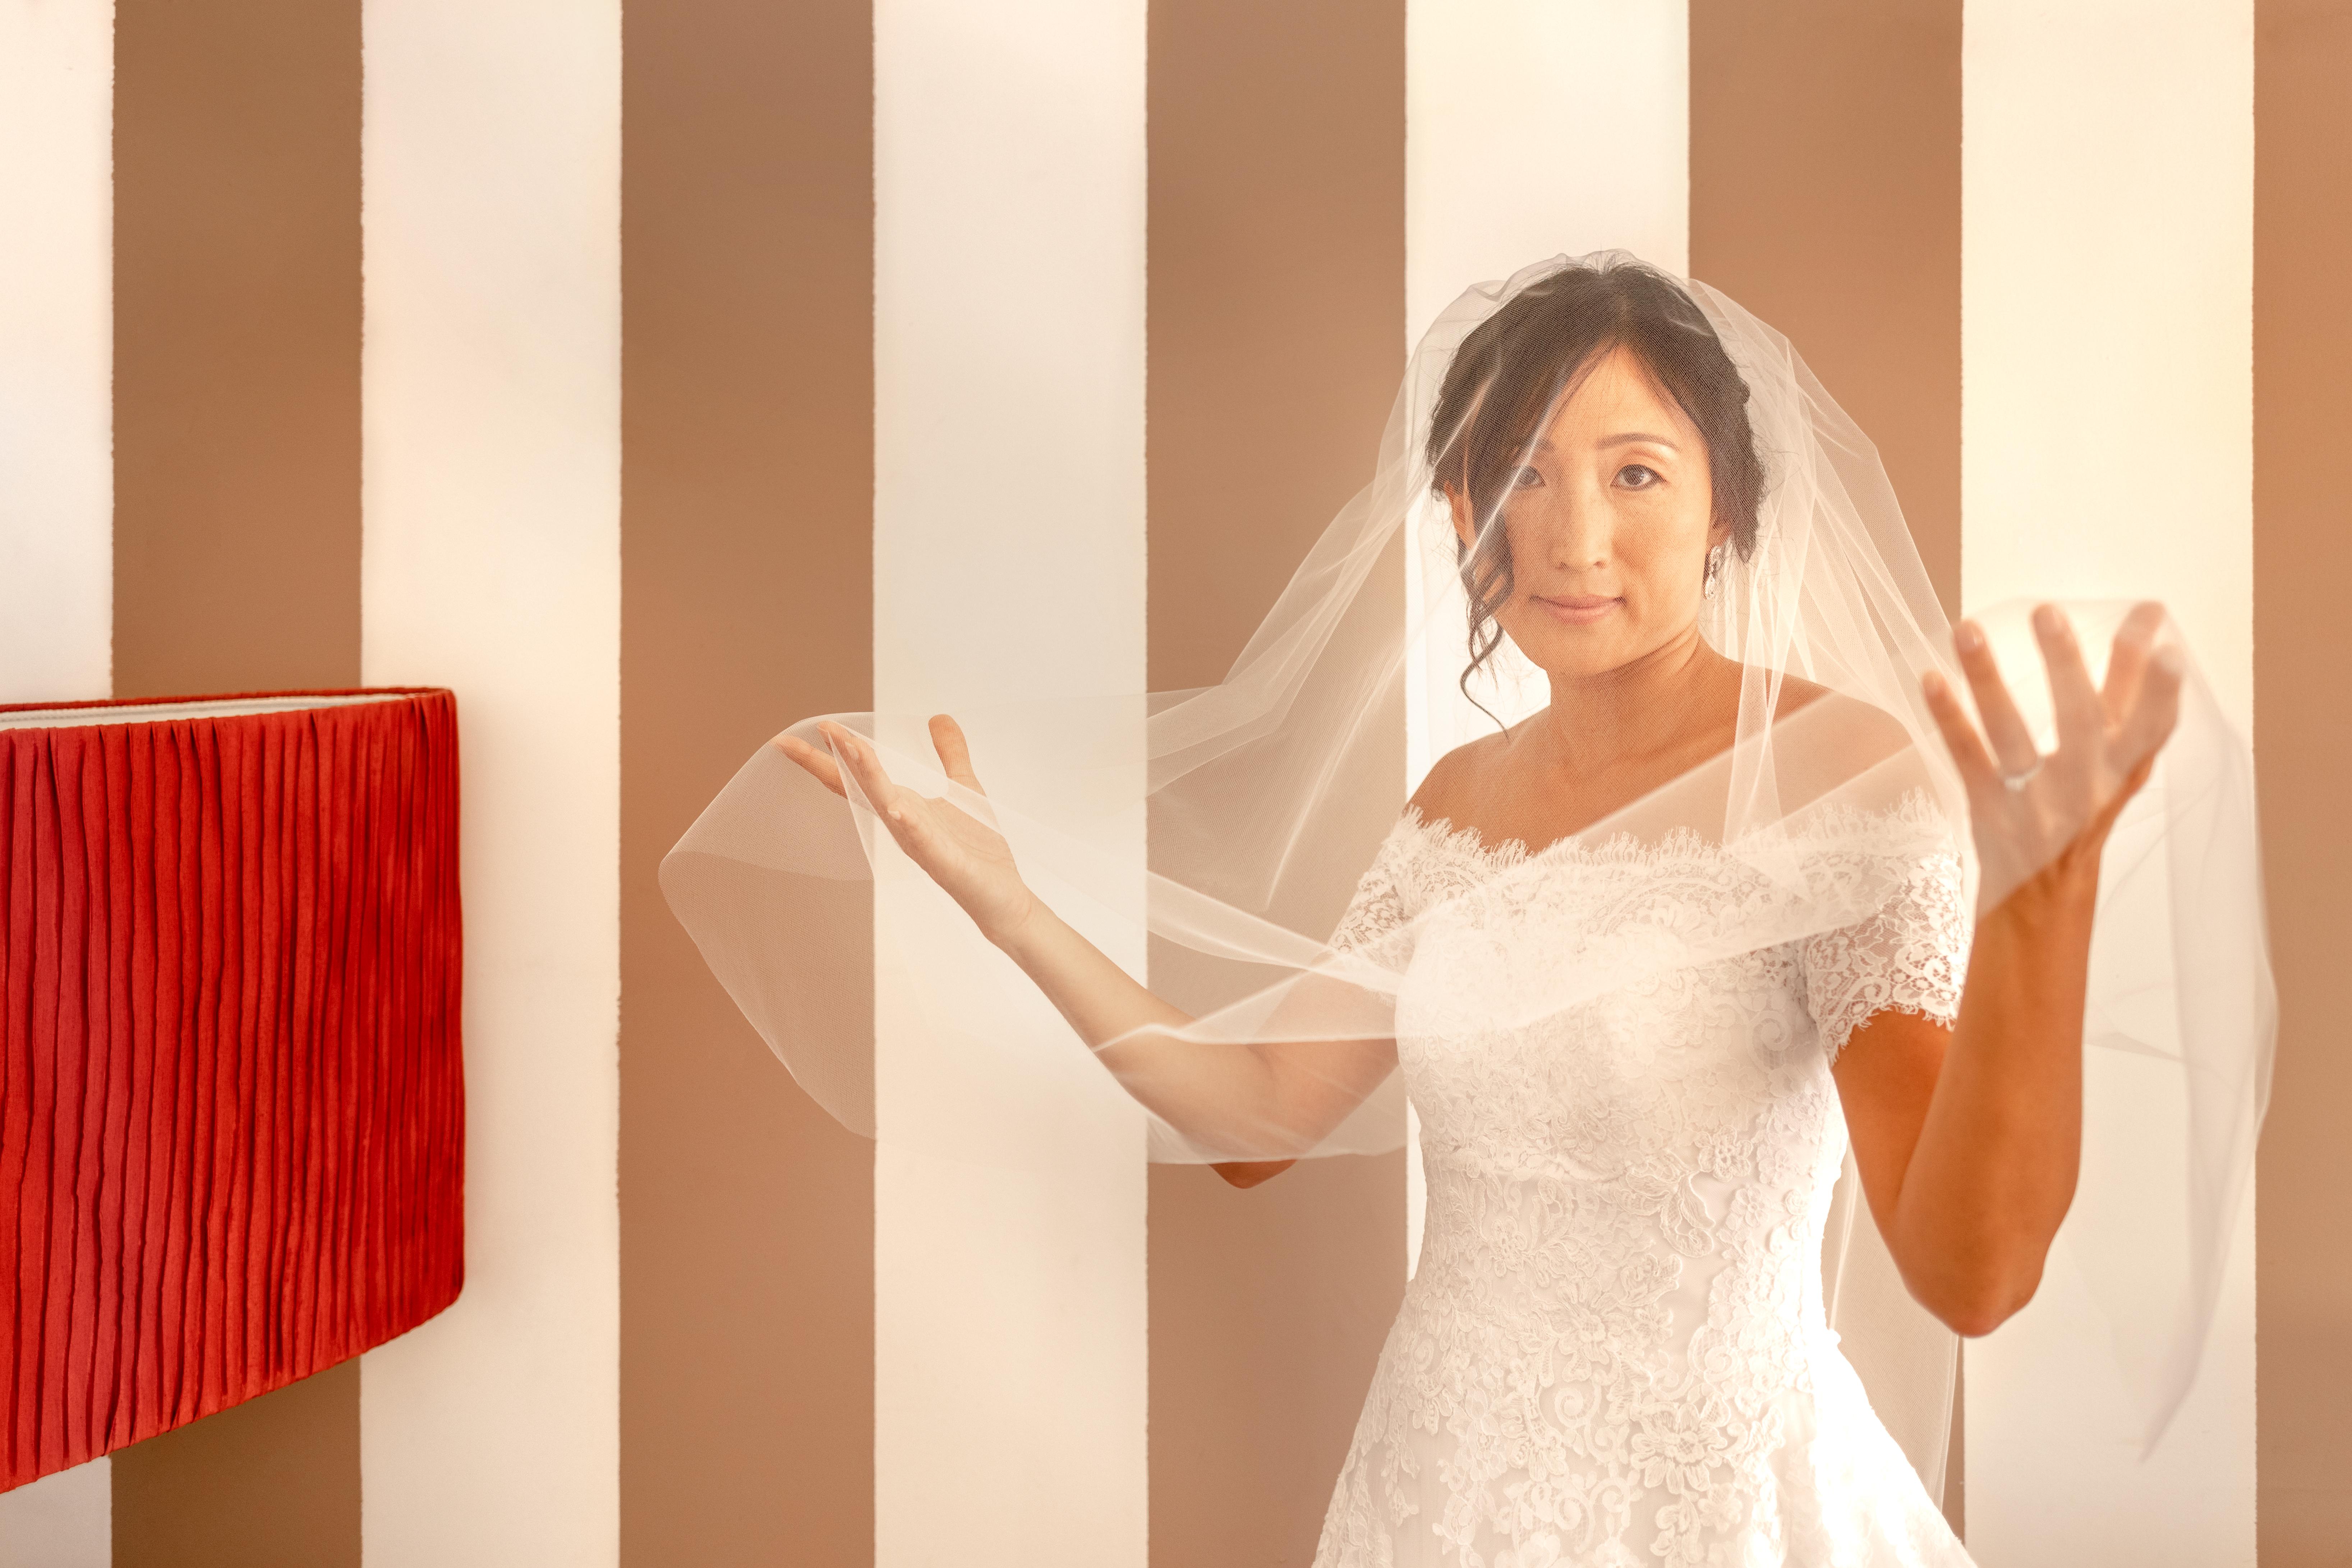 eleganza racconto fotografico reportage palermo matrimonio corea del sud new york